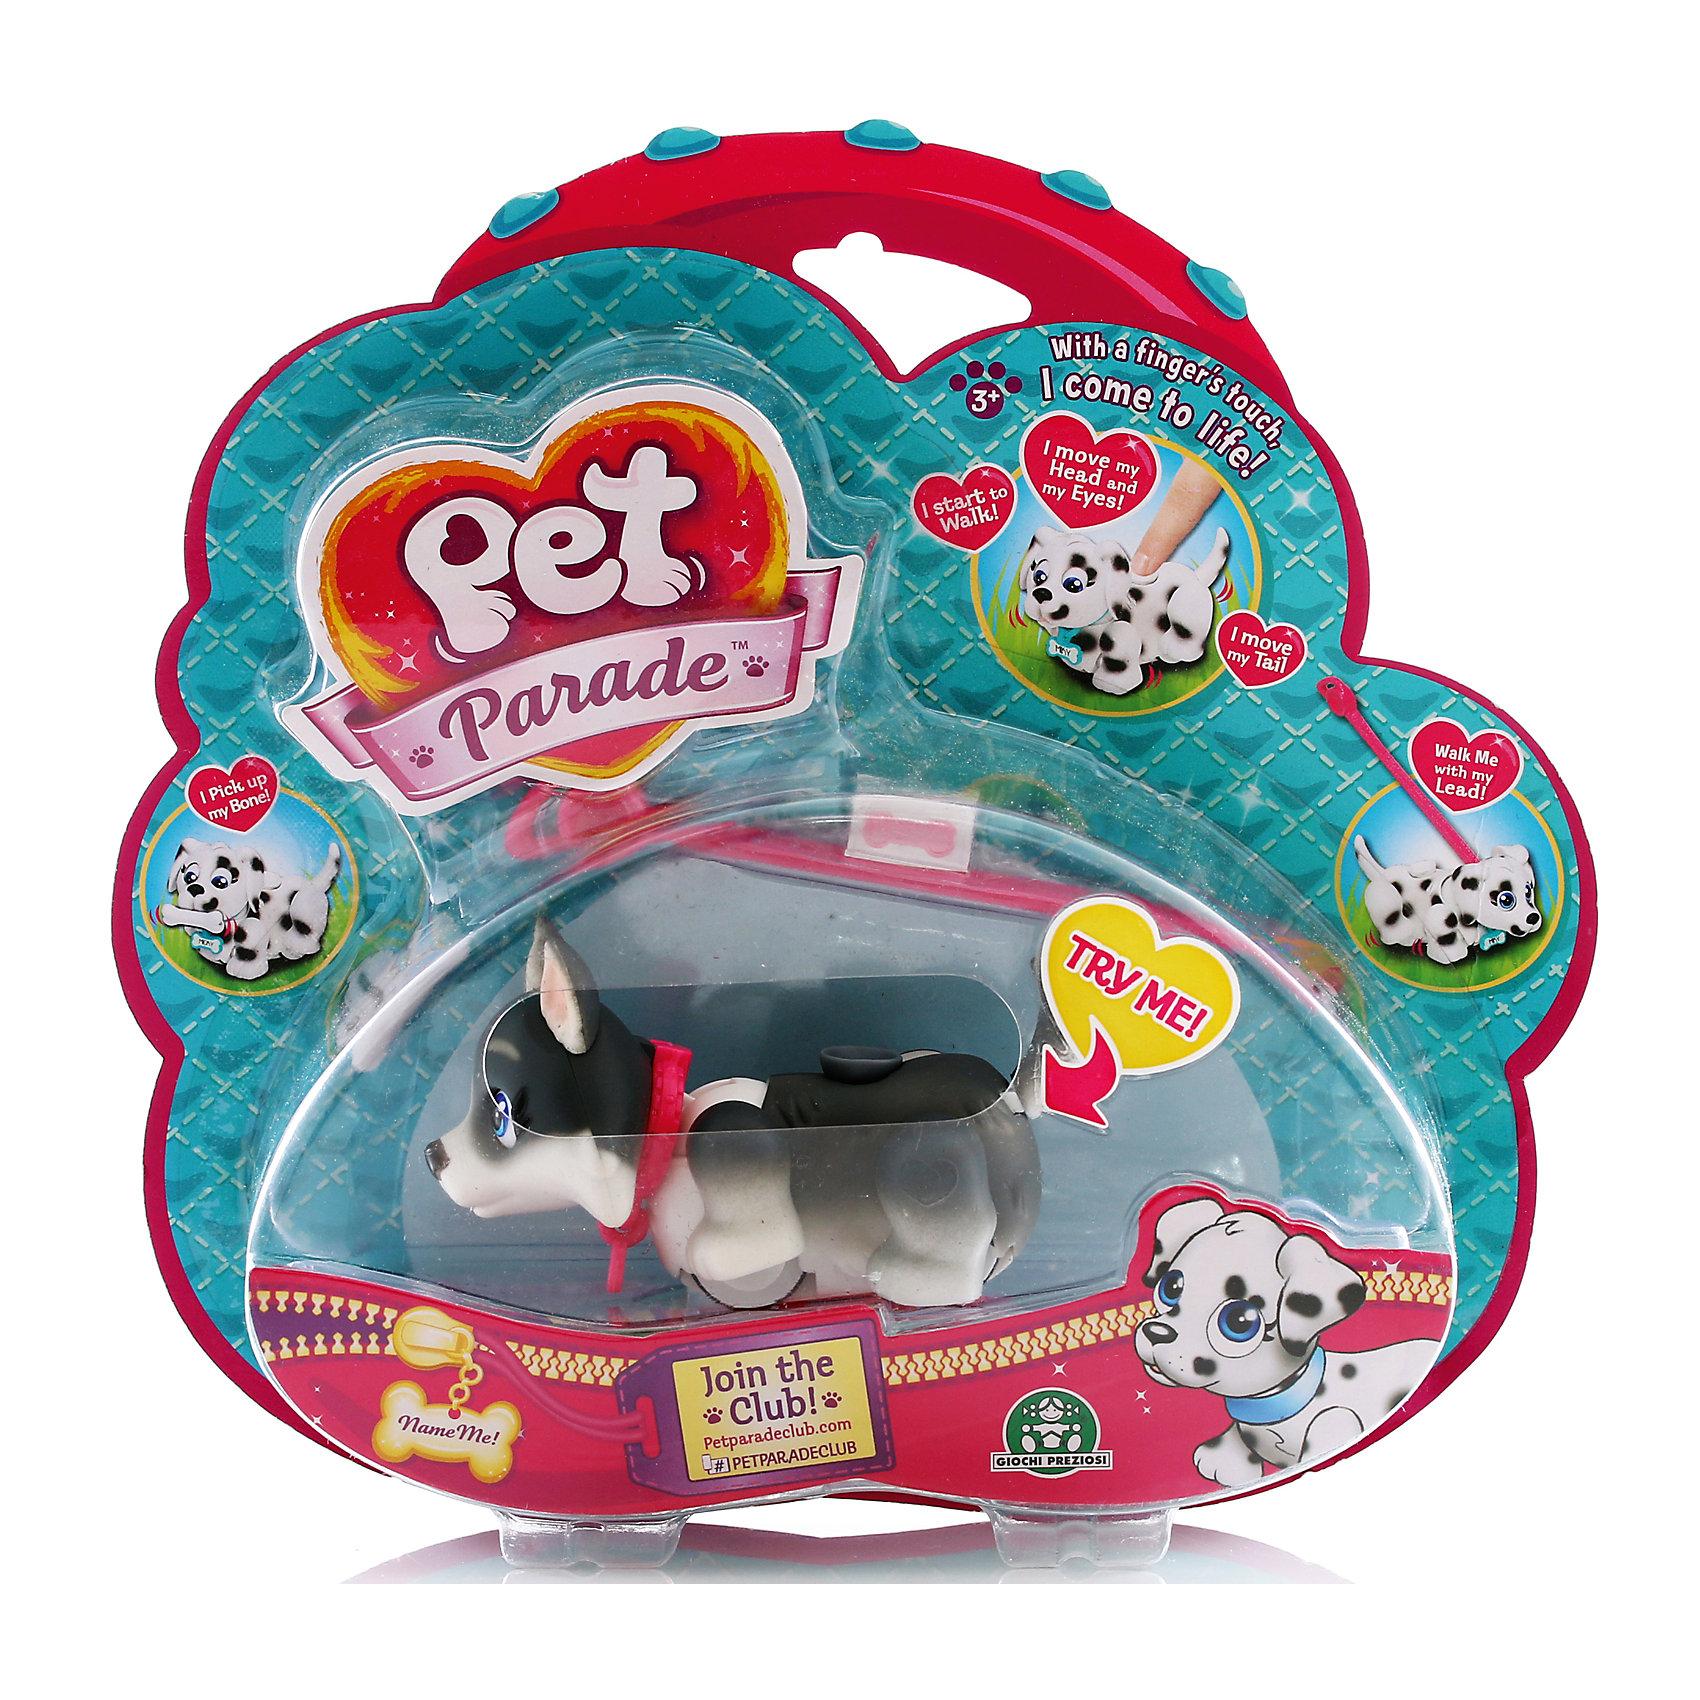 Фигурка собачки в комплекте с косточкой и поводком, Pet Parade, в ассортиментеОчаровательный щенок обязательно понравится детям. Щенок забавно двигает лапками при ходьбе. При желании, можно присоединить специальный поводок розового или голубого цвета к ошейнику. На спинке расположен джойстик, с помощью которого можно управлять головой, хвостиком и глазами. <br>Щенок может взаимодействовать с аксессуарами. Например, благодаря встроенным магнитам, подбирать свою косточку или следовать за ней.<br>На ошейнике каждого щенка есть бирка в виде косточки, на которой можно написать имя своего любимца! <br><br>Дополнительная информация:<br><br>- Материал: пластик.<br>- Размер игрушки: 9 см.<br>- Комплектация: собачка, поводок, ошейник, косточка.<br>- Передвигает лапами во время ходьбы.<br>- Берет косточку.<br>- Глаза, голова, хвостик подвижные. <br>- Одна собачка в наборе.<br>- 6 пород в ассортименте: Лабрадор, Мопс, Йоркширский терьер, Бордер-Колли, Хаски и Далматин. <br>ВНИМАНИЕ! Данный артикул представлен в разных вариантах исполнения. К сожалению, заранее выбрать определенный вариант невозможно. При заказе нескольких собачек возможно получение одинаковых.<br><br>Фигурку собачки в комплекте с косточкой и поводком, Pet Parade (Пет Парад), в ассортименте, можно купить в нашем магазине.<br><br>Ширина мм: 220<br>Глубина мм: 210<br>Высота мм: 60<br>Вес г: 152<br>Возраст от месяцев: 36<br>Возраст до месяцев: 120<br>Пол: Женский<br>Возраст: Детский<br>SKU: 4422653